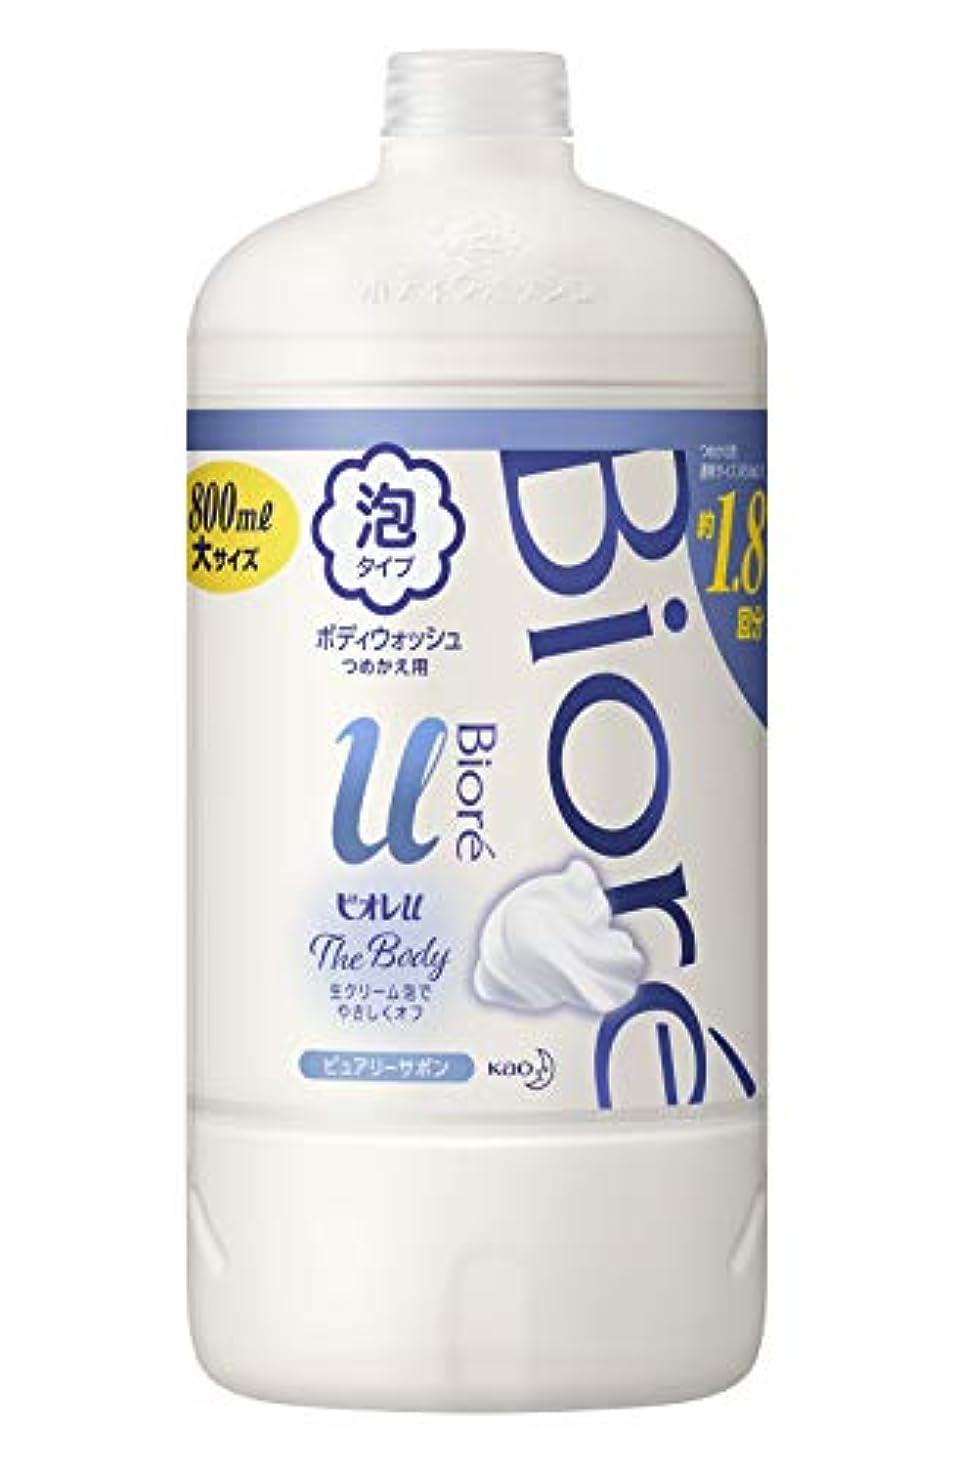 飲料リズム司令官【大容量】 ビオレu ザ ボディ 〔 The Body 〕 泡タイプ ピュアリーサボンの香り つめかえ用 800ml 「高潤滑処方の生クリーム泡」 ボディソープ 清潔感のあるピュアリーサボンの香り